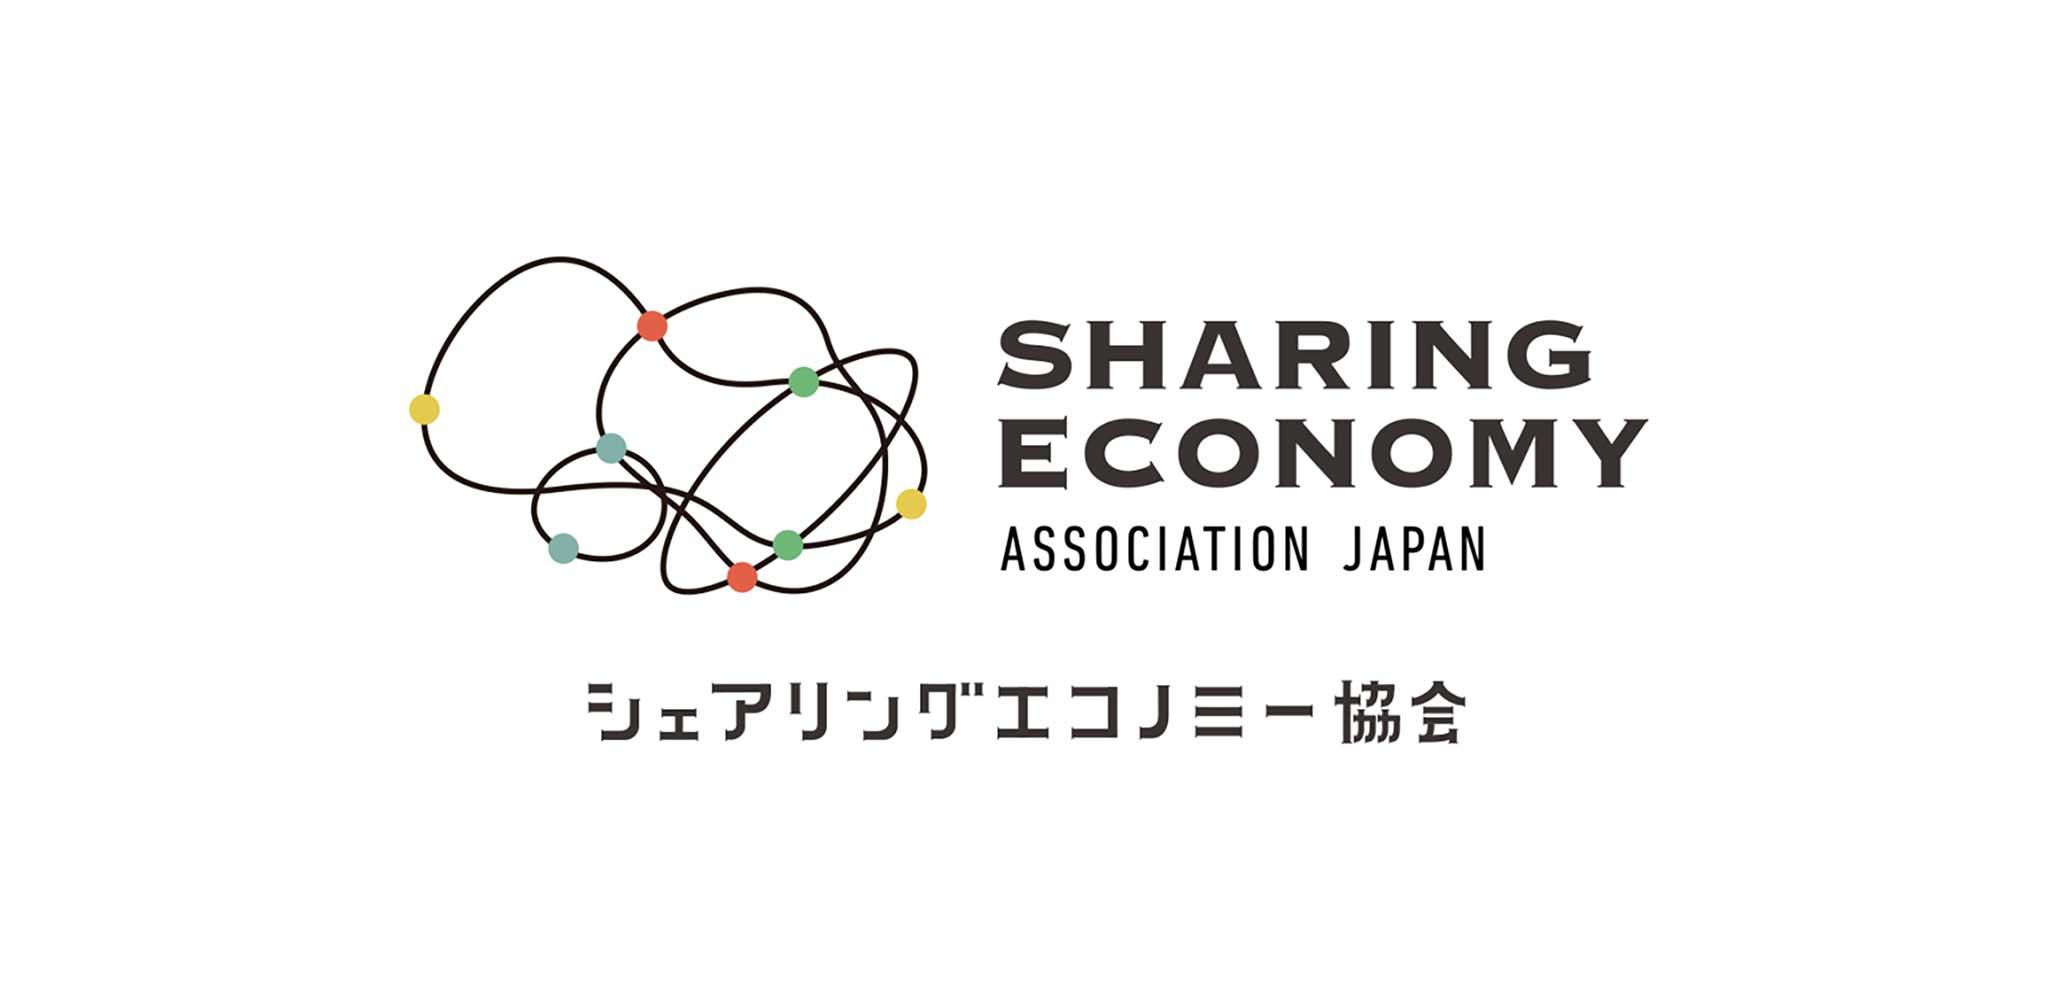 シェアリングエコノミー協会、〜シェアと税制度の未来を考える2018〜はじめて確定申告入門講座セミナーを開催